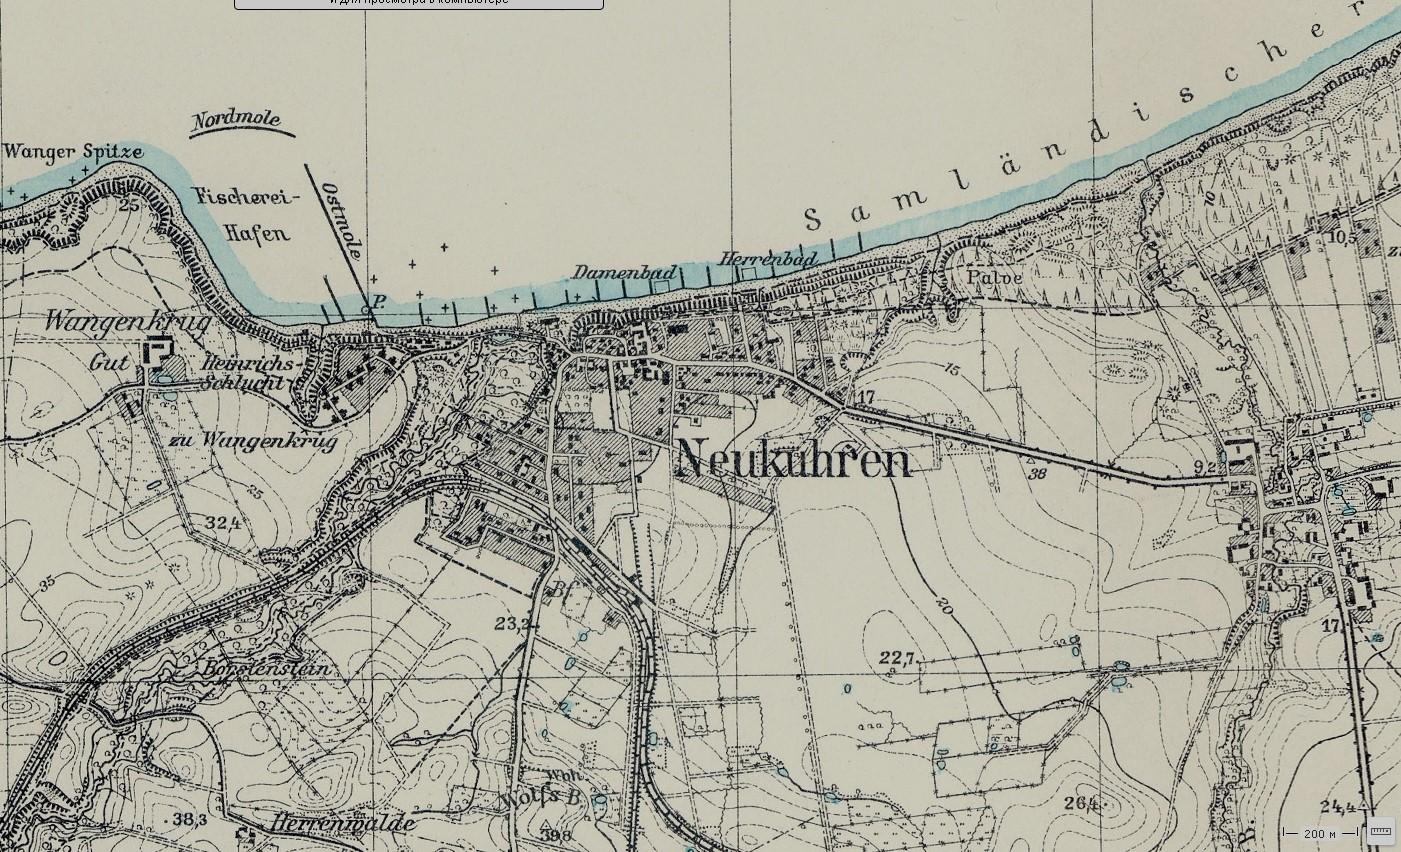 urotchishe-borsenstein-na-karte-1908